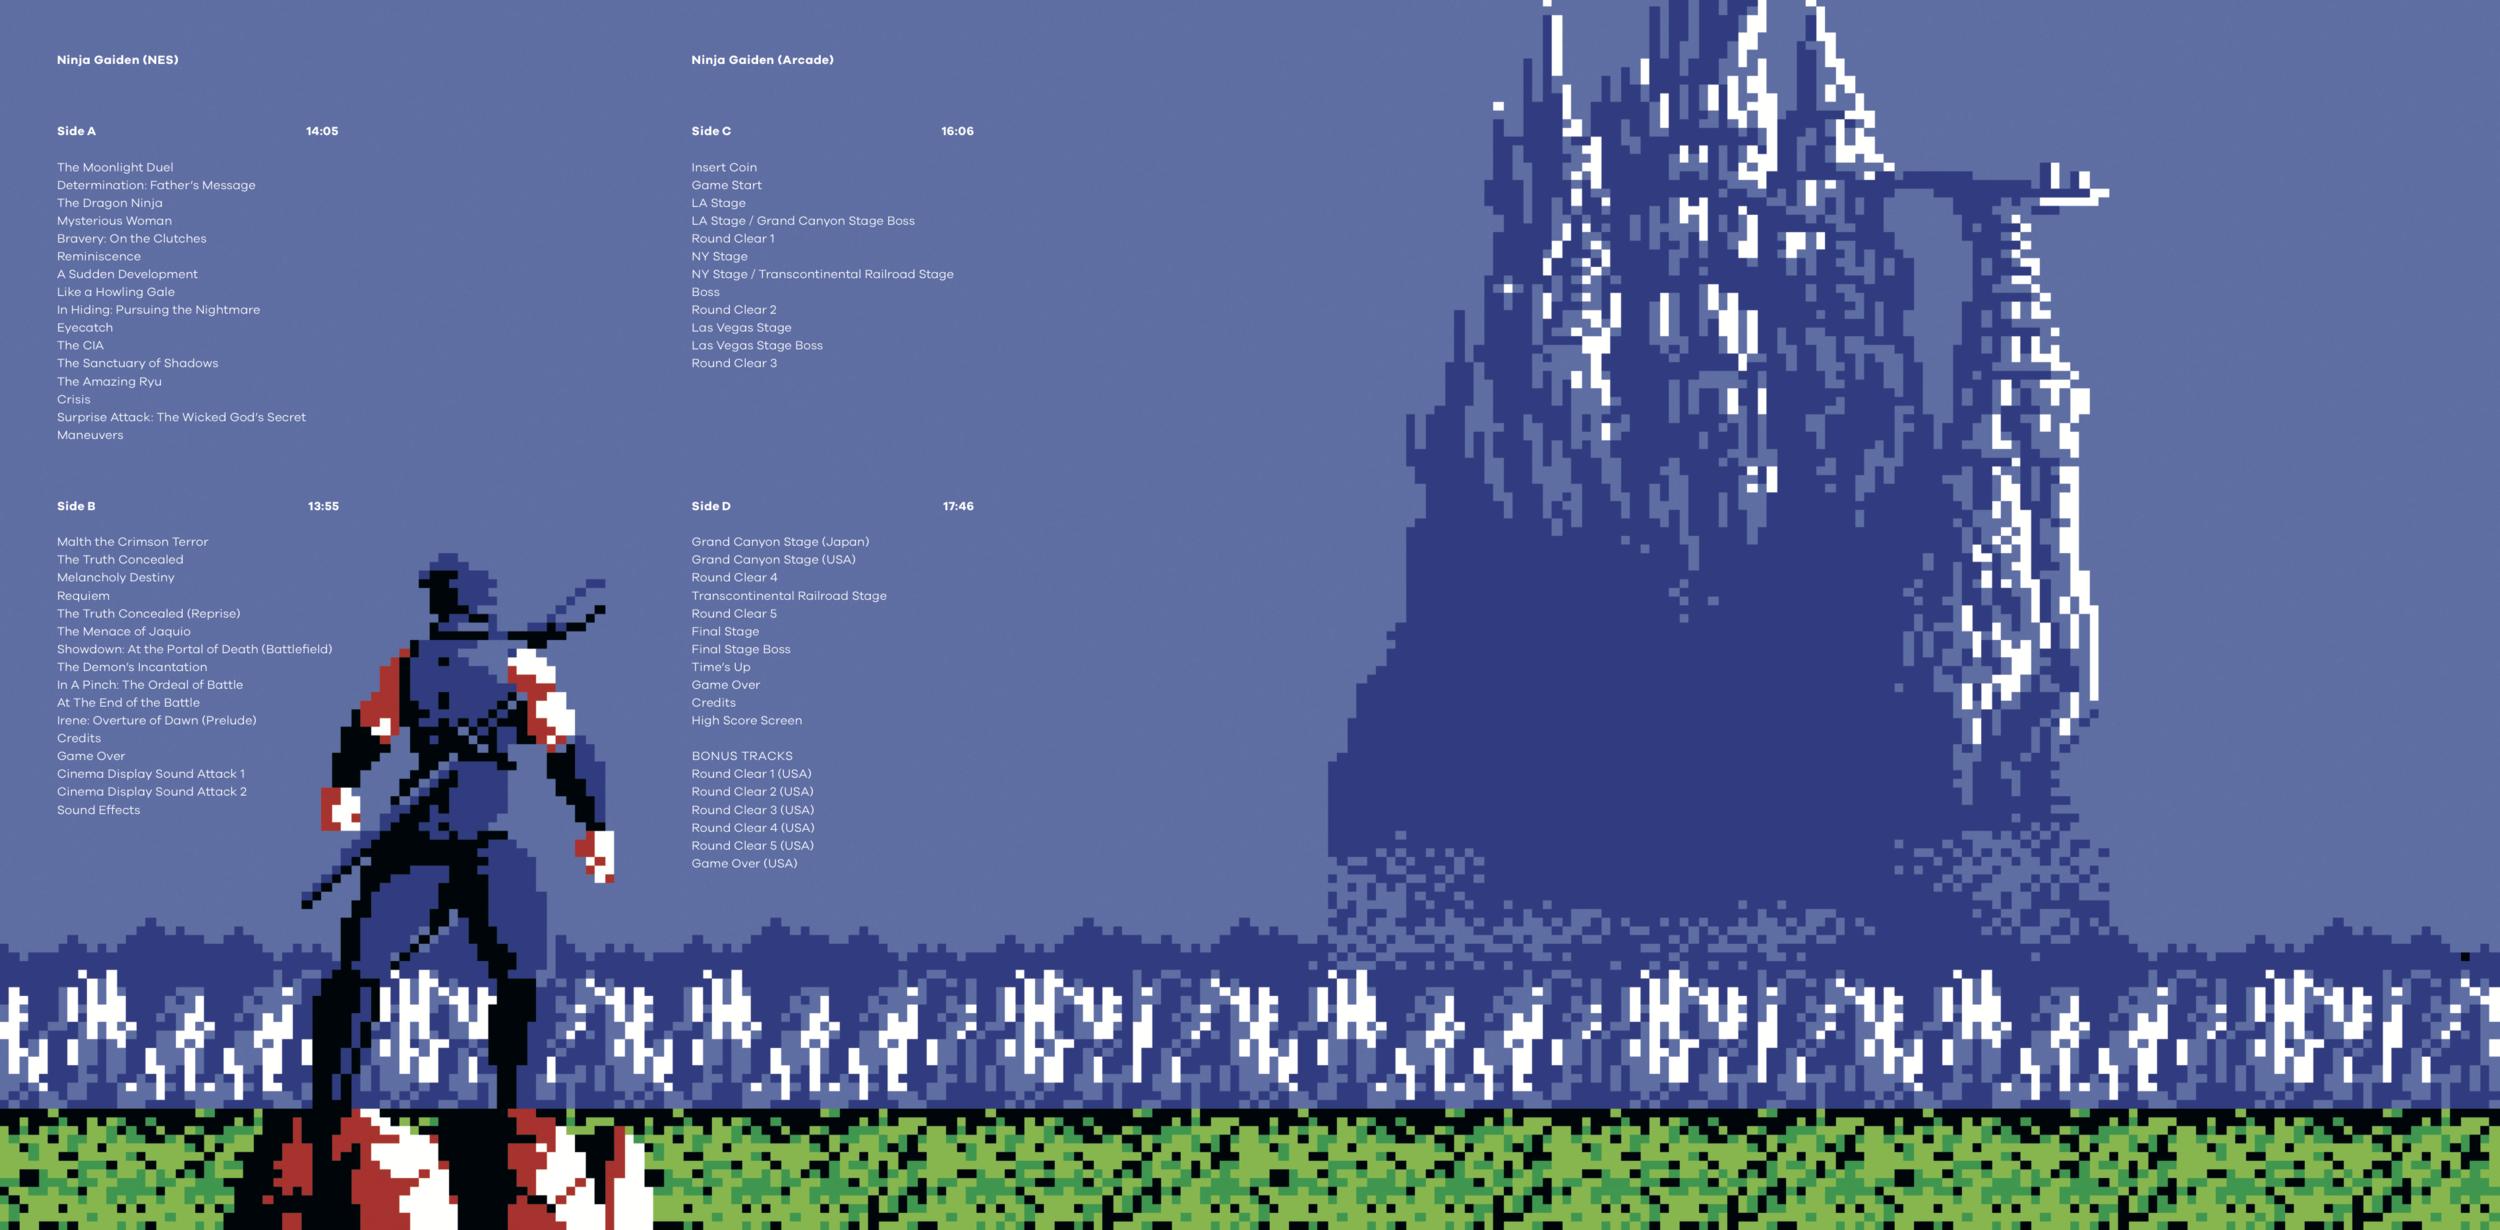 Inner Gatefold for Ninja Gaiden The Definitive Soundtrack Vol. 1.